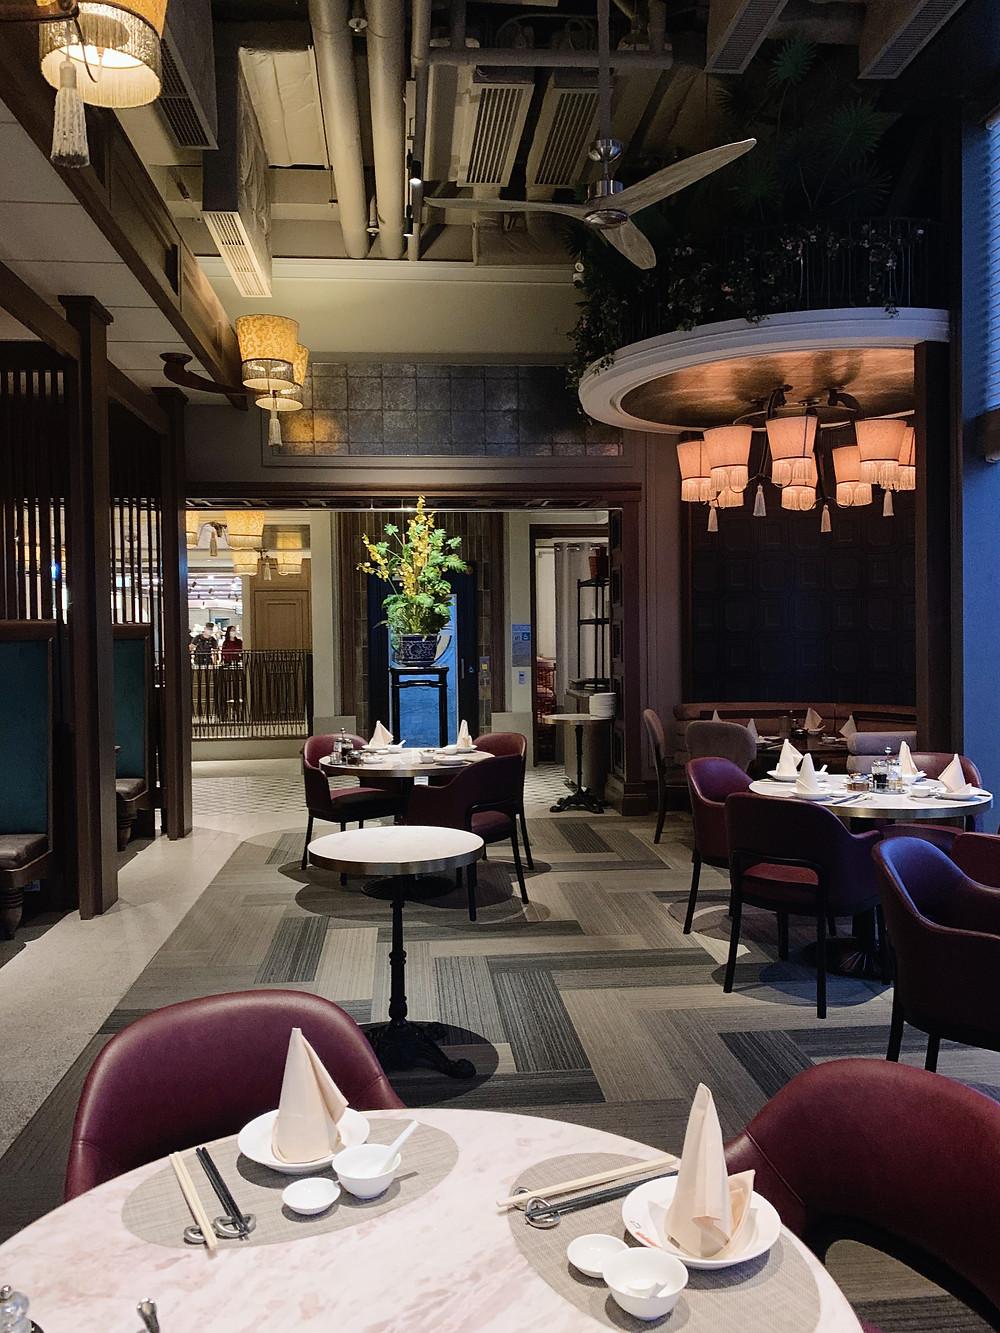 Interiors at Ye Shanghai restaurant in K11 Musea Hong Kong